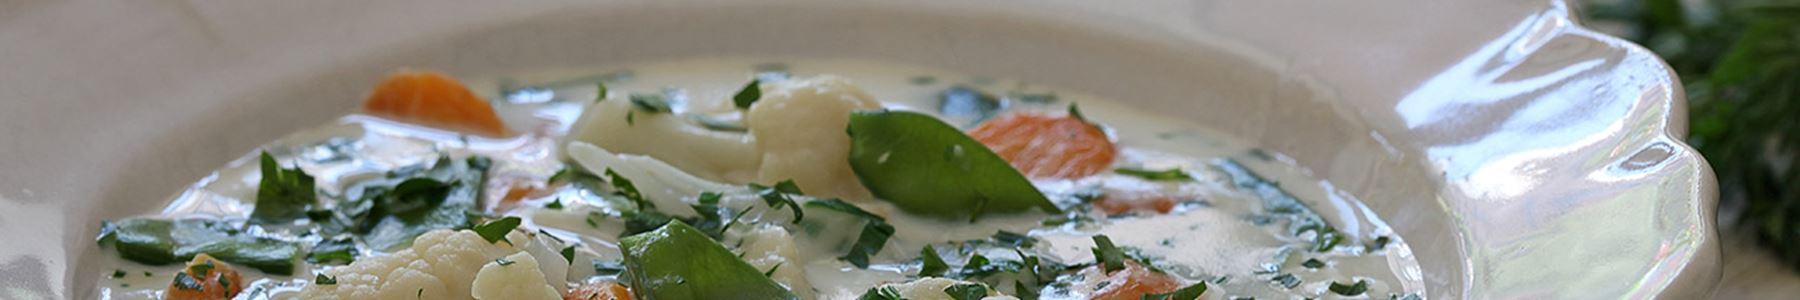 Soppor med ärtor, bönor och linser